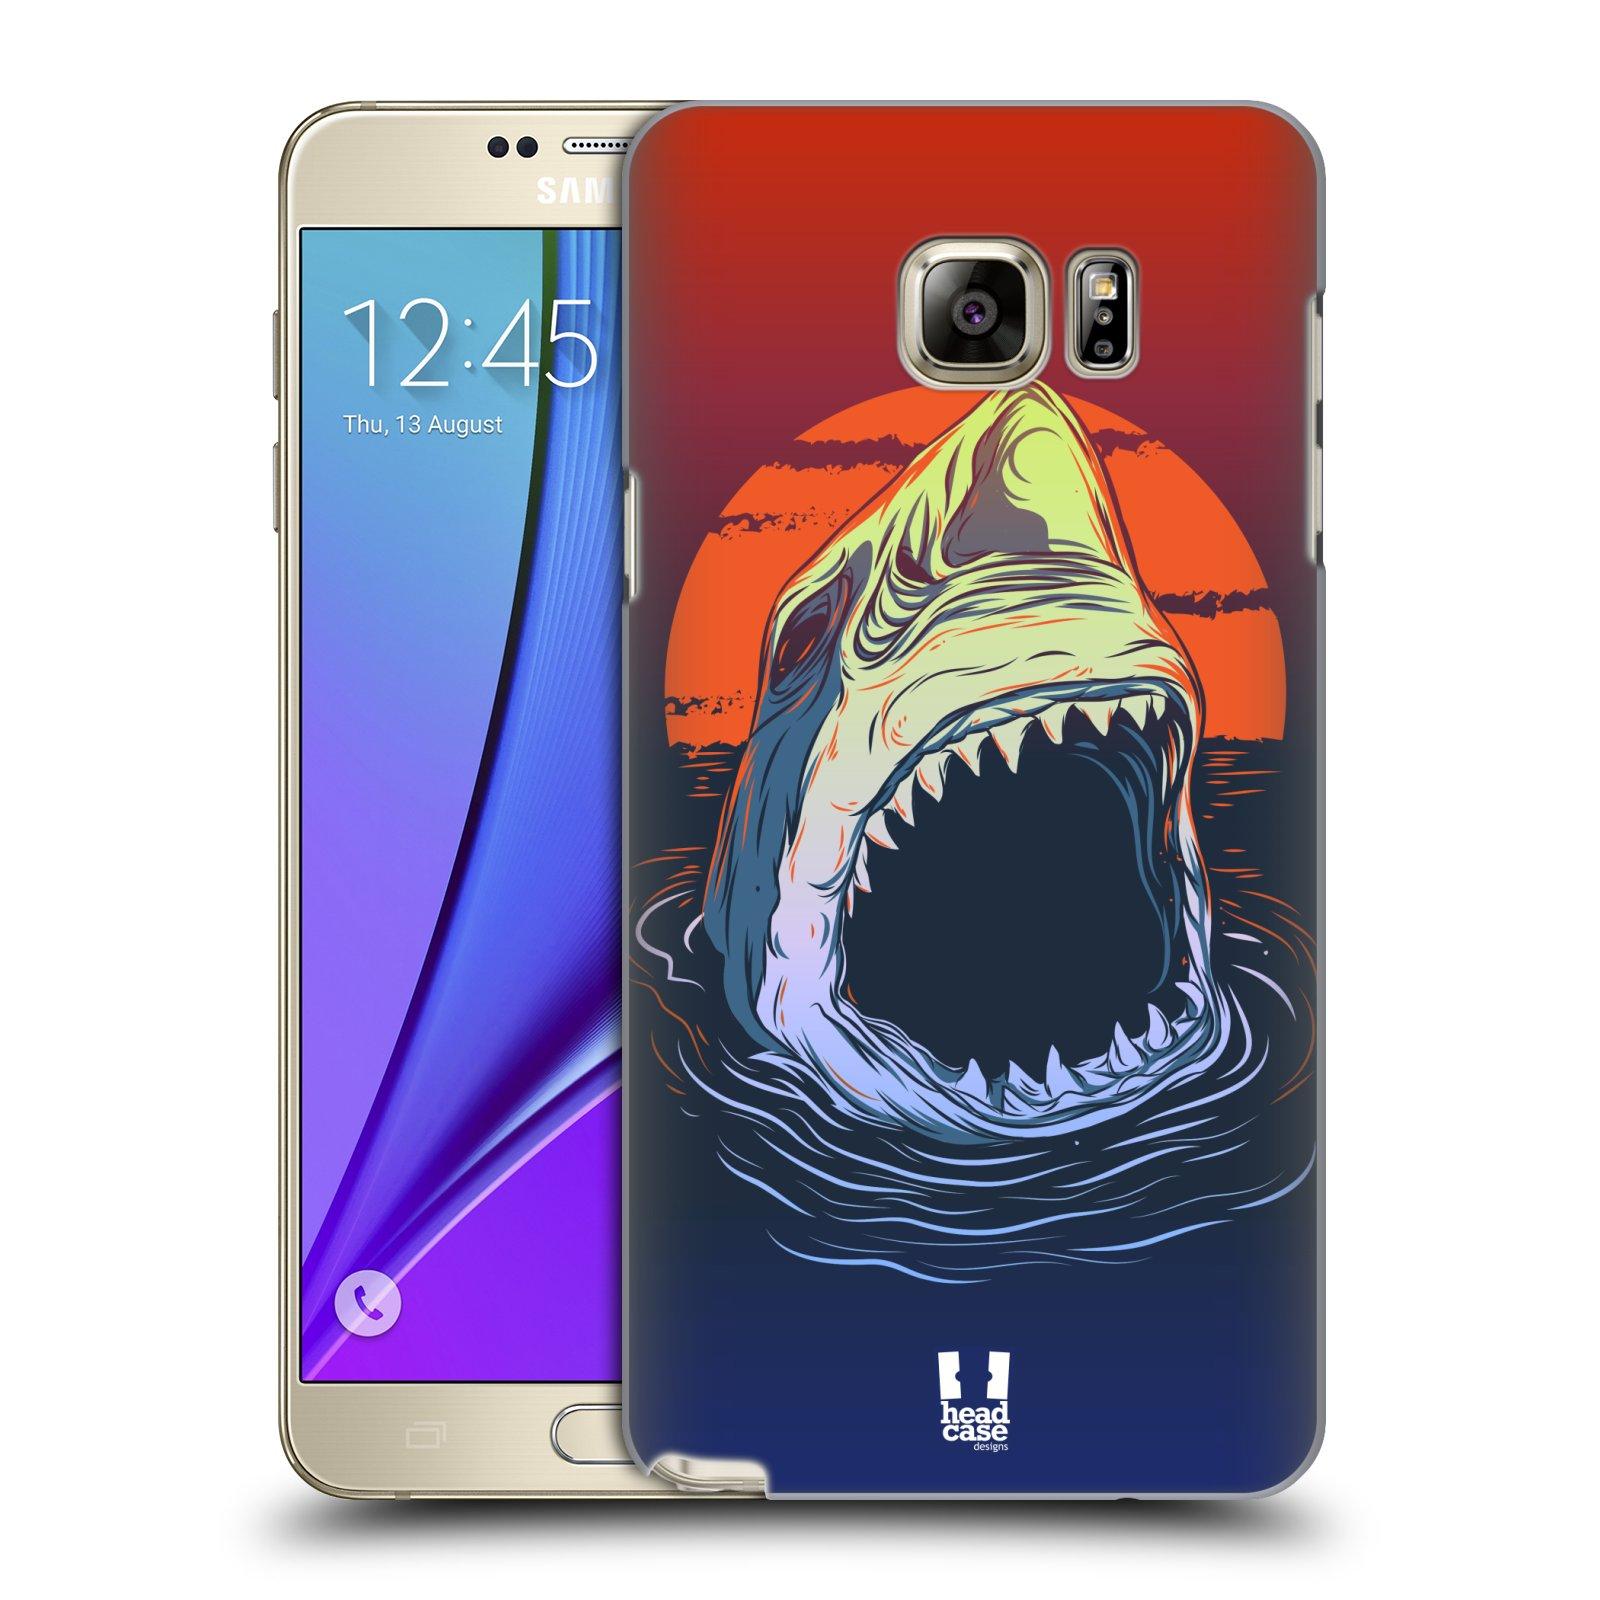 HEAD CASE plastový obal na mobil SAMSUNG Galaxy Note 5 (N920) vzor mořská monstra žralok